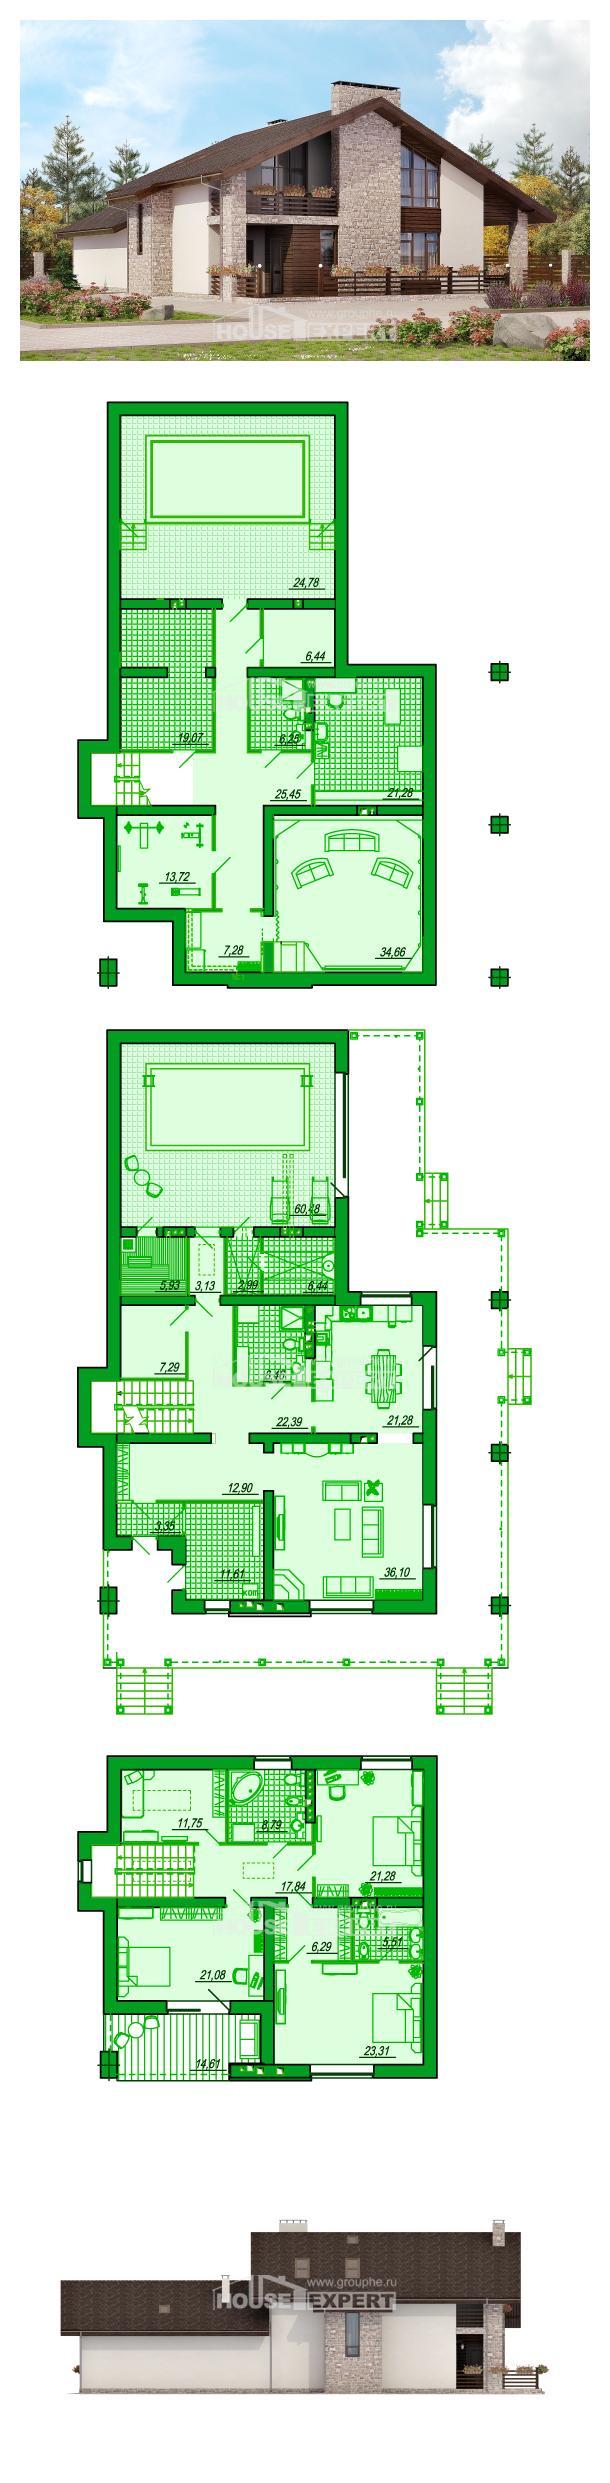 Plan 480-001-L | House Expert